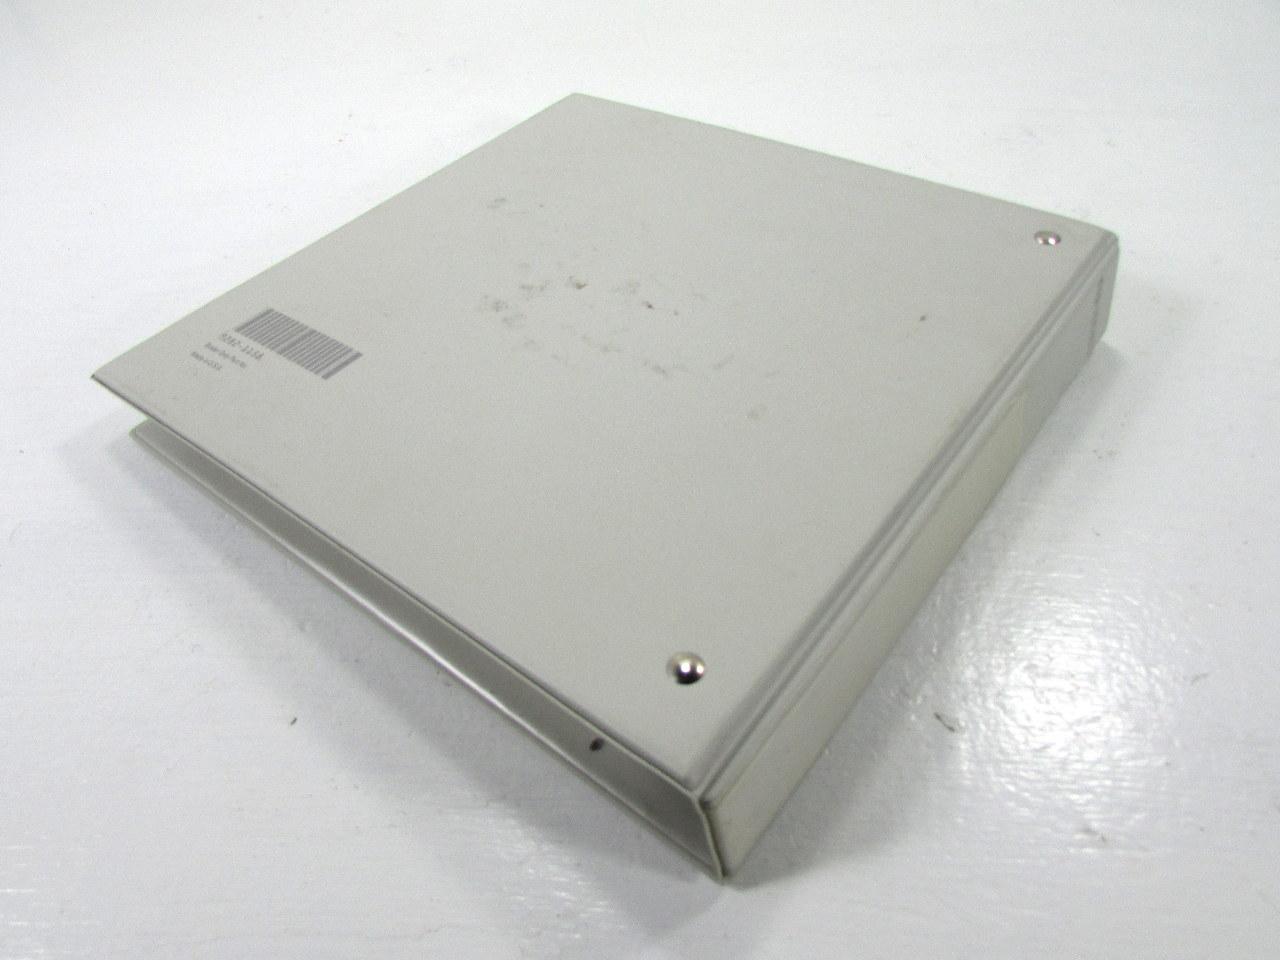 Hp 7673 manual